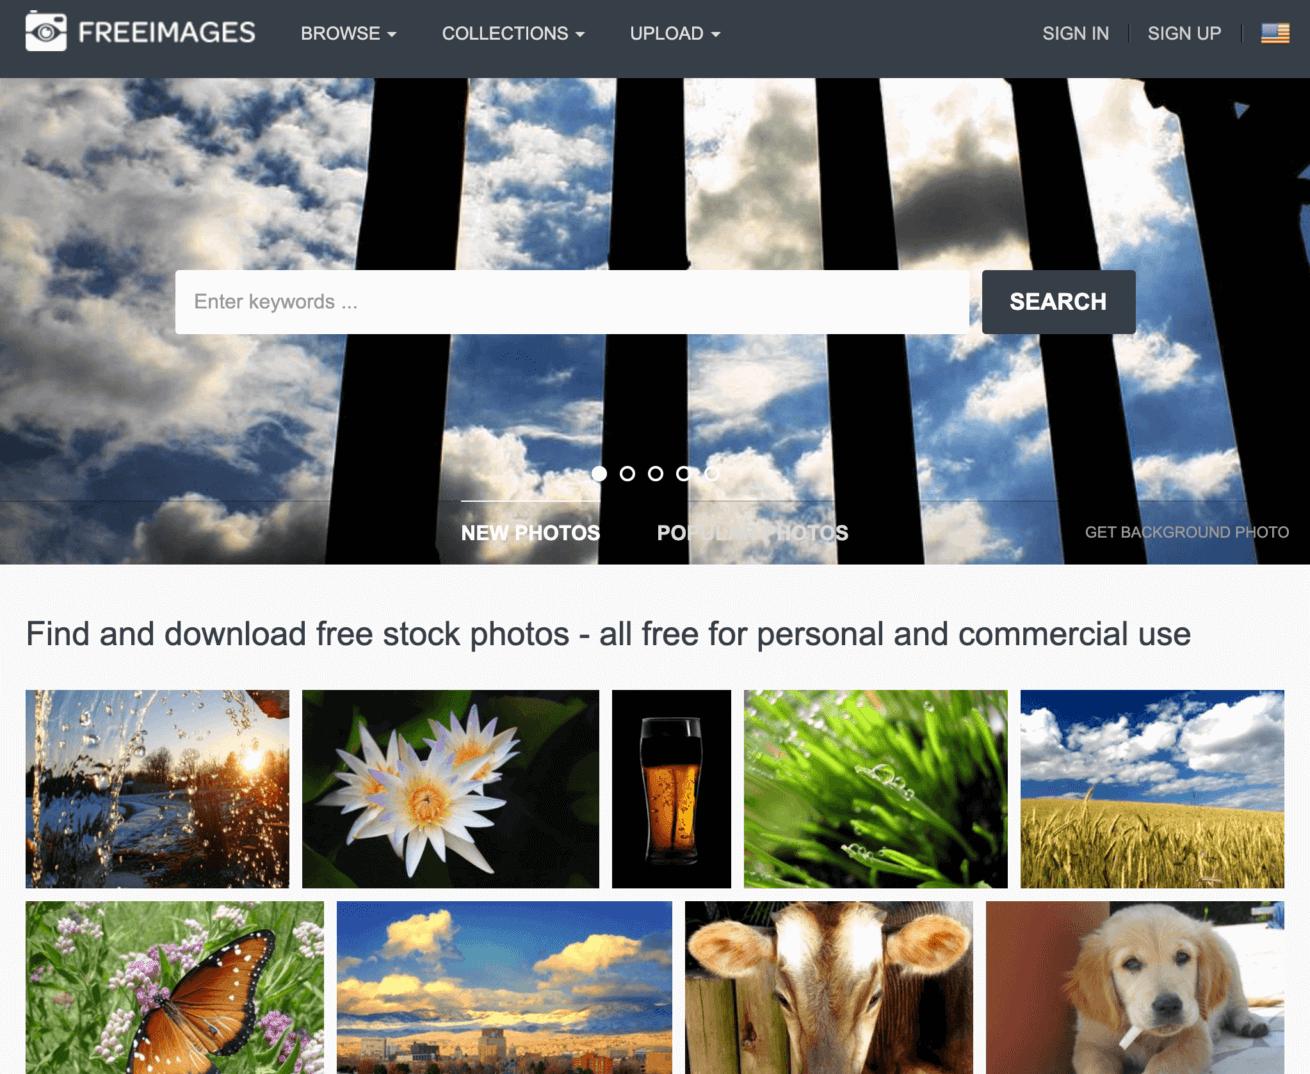 「freeimages」のサイトイメージ画像